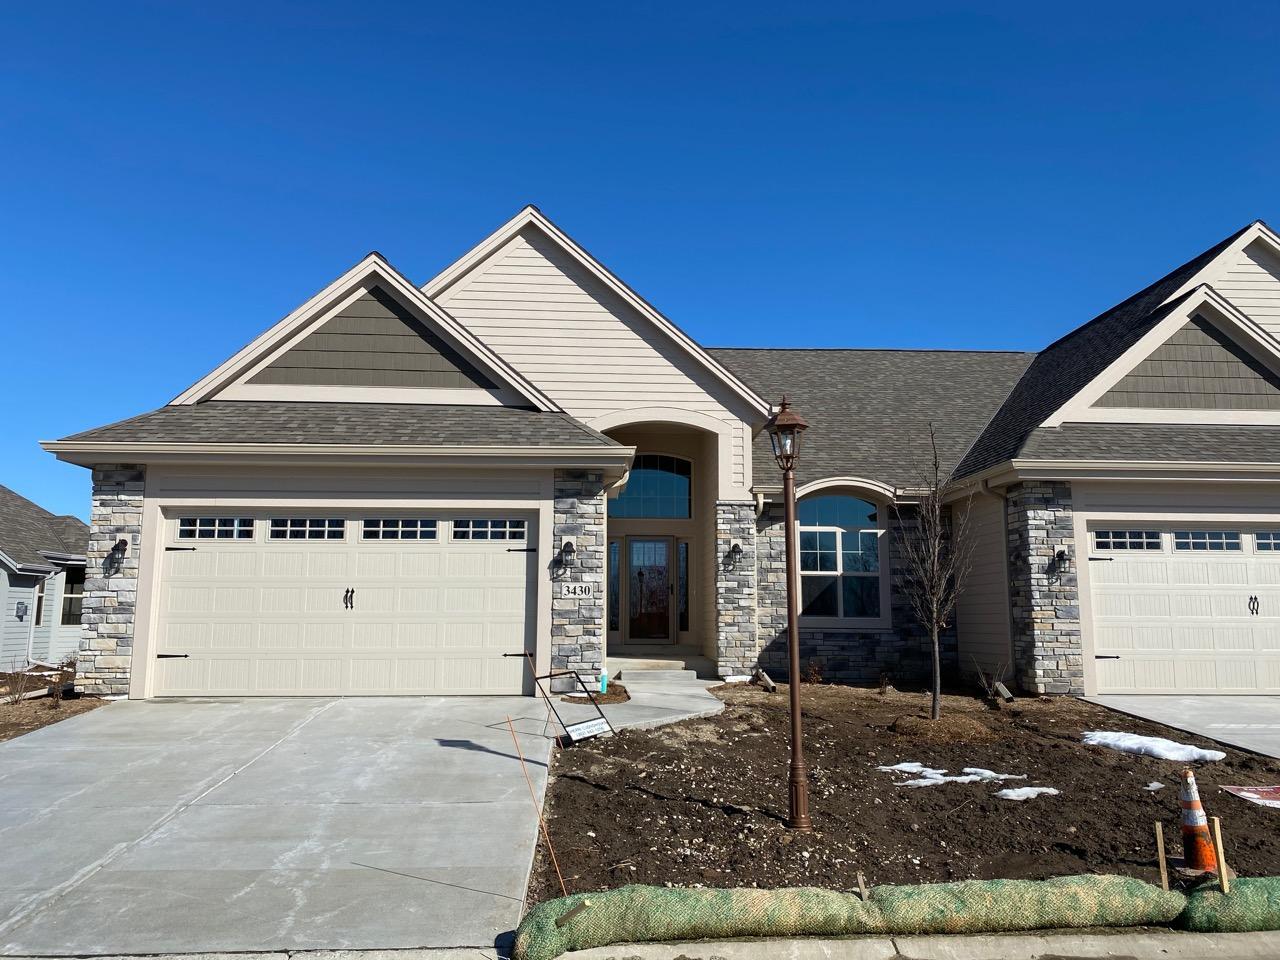 3430 Walnut Trl, Waukesha, Wisconsin 53188, 2 Bedrooms Bedrooms, ,2 BathroomsBathrooms,Condominiums,For Sale,Walnut Trl,1,1679705